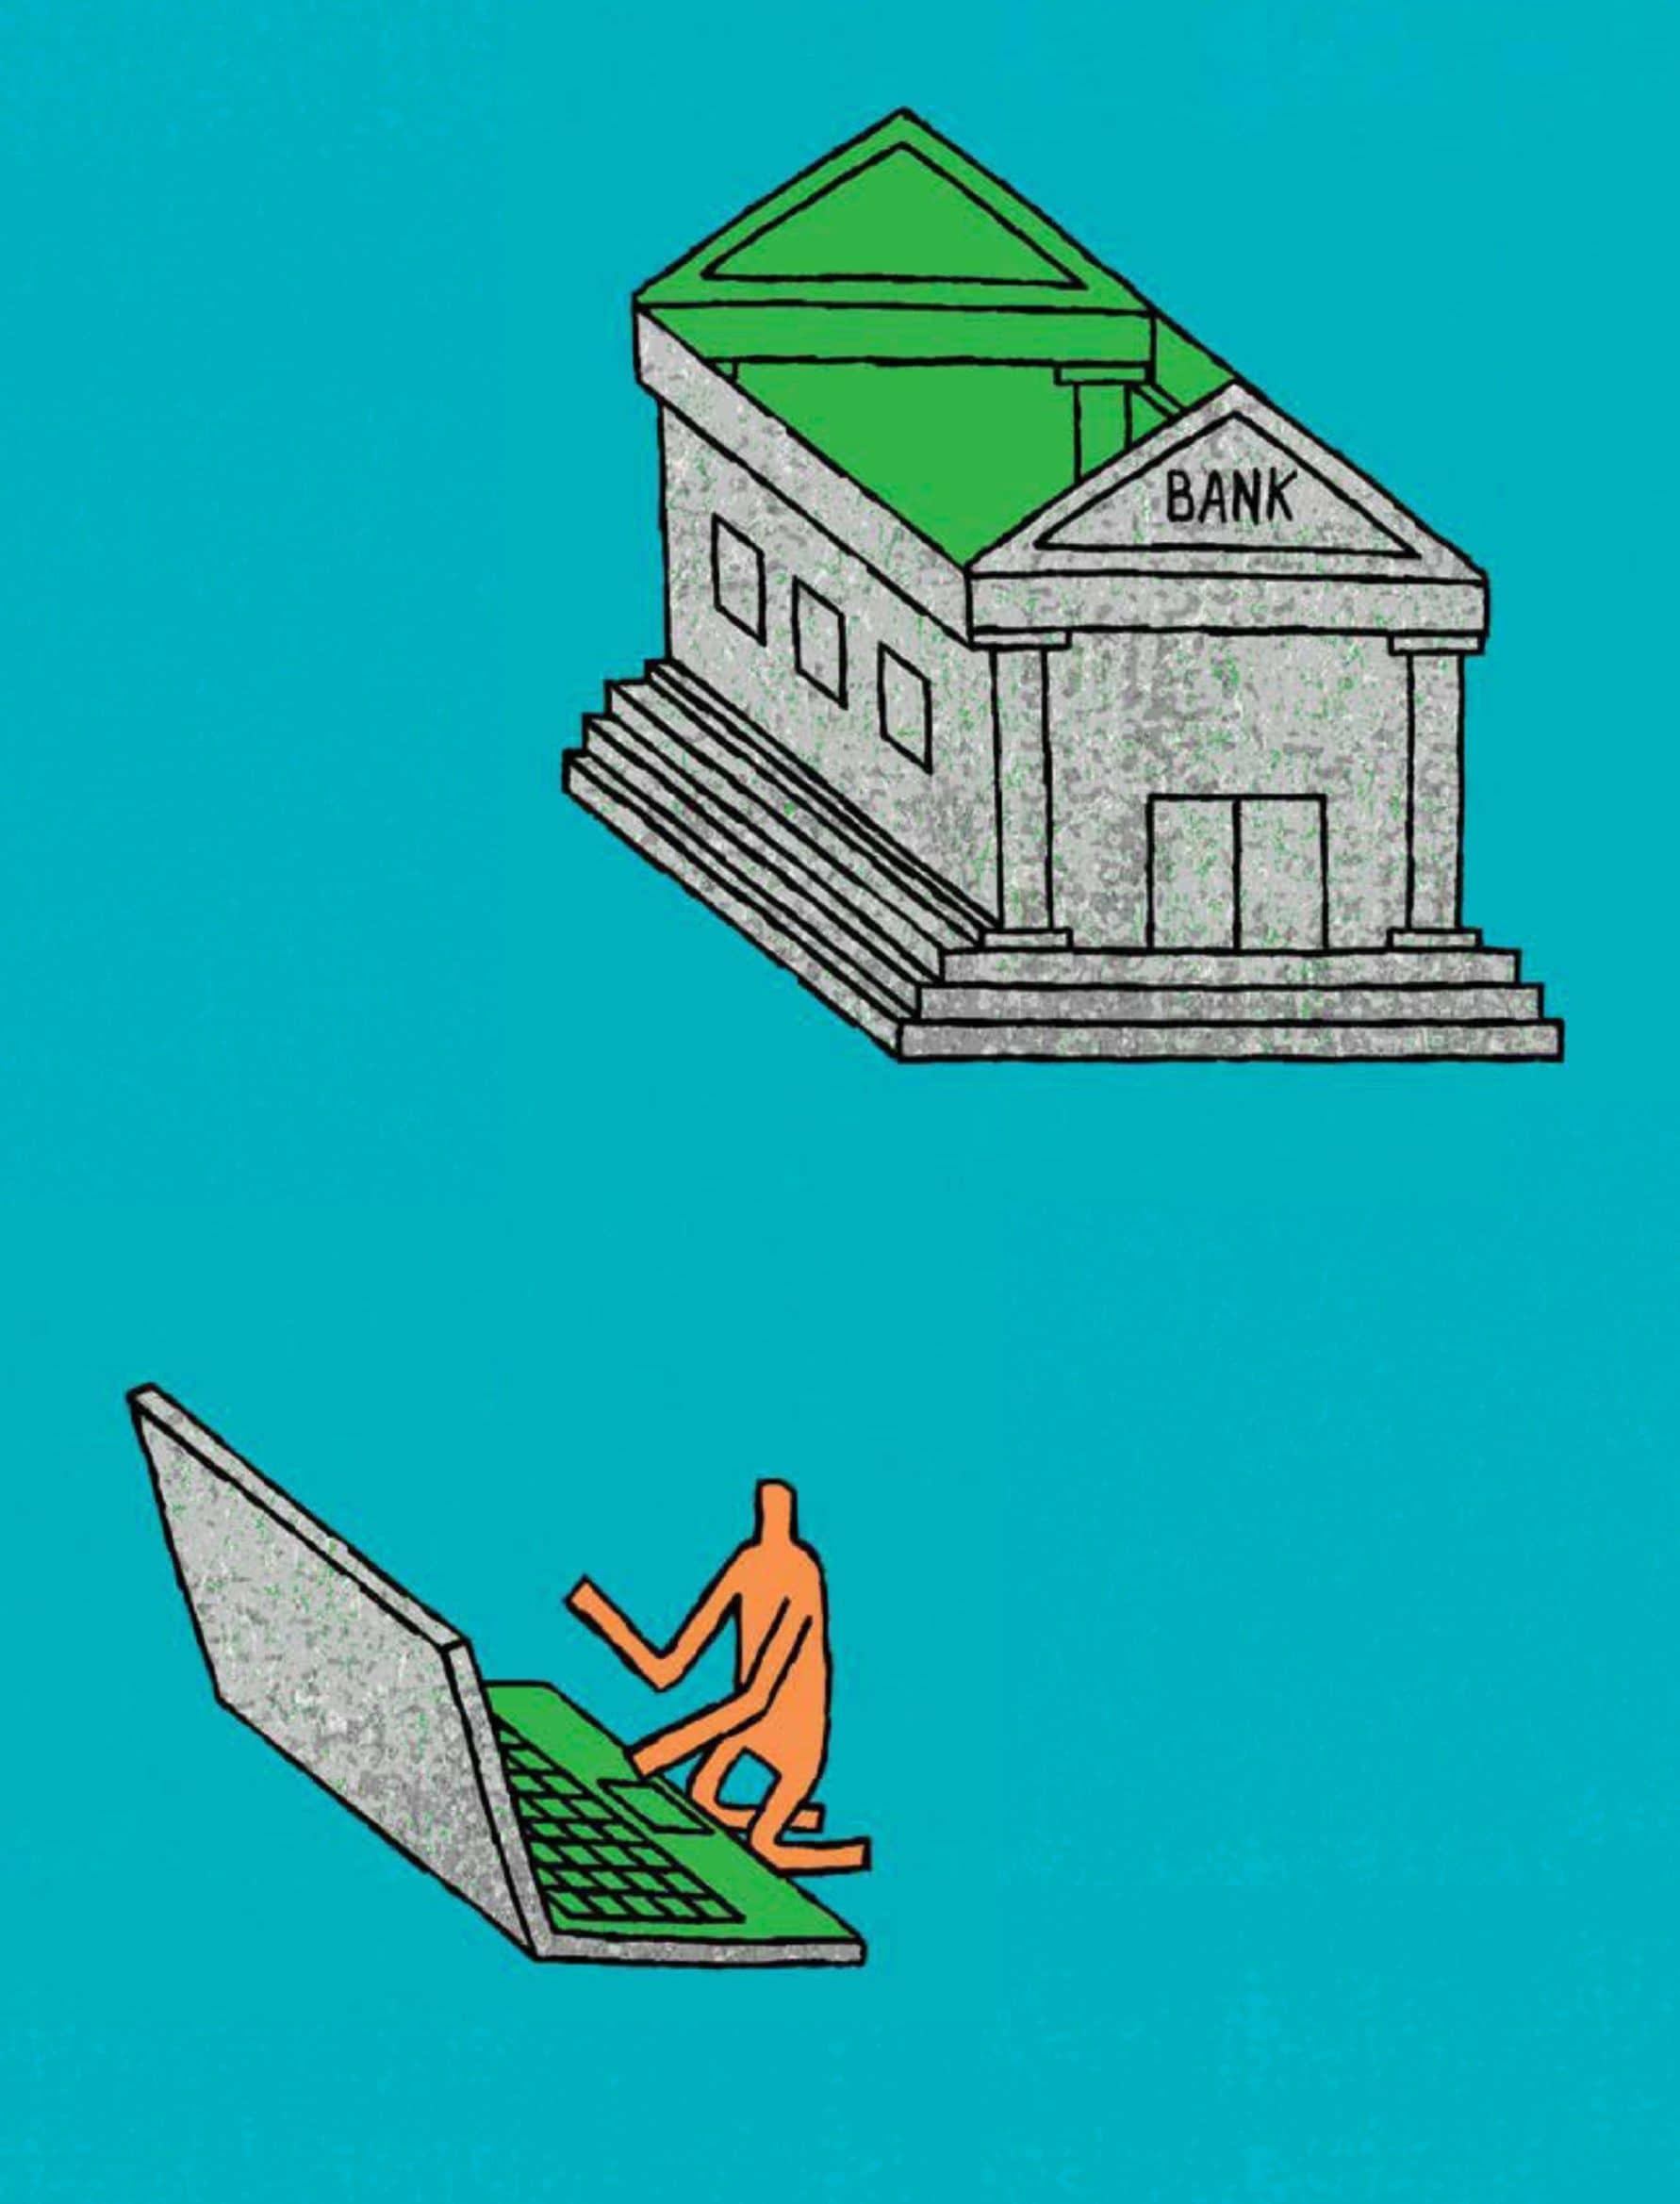 BANKING ON BANKS